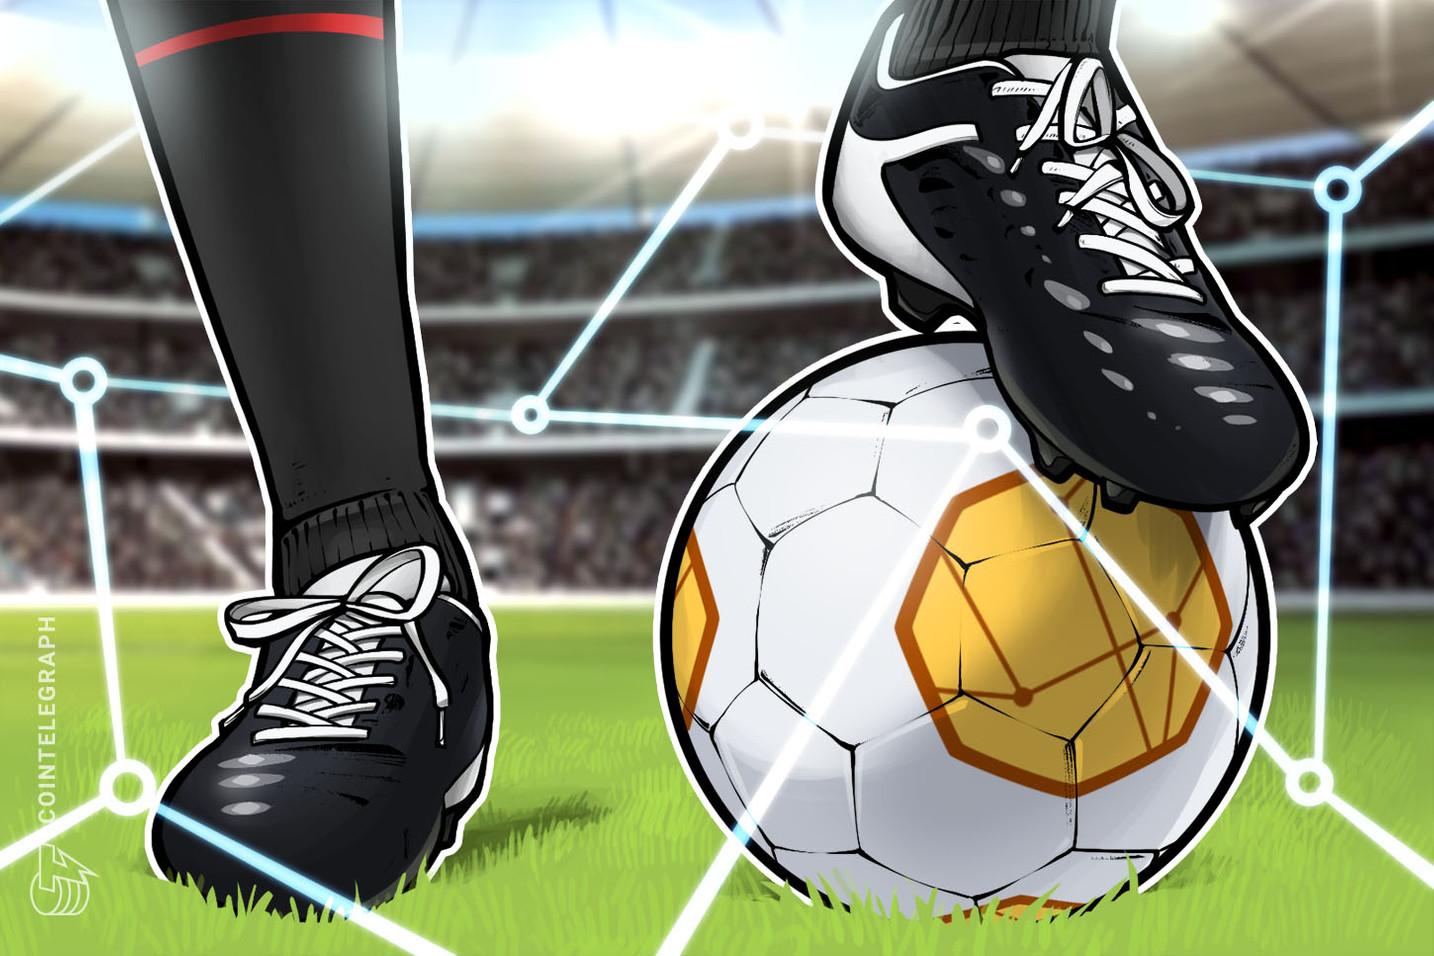 FCバルセロナのファン向け仮想通貨、トークンセール開始2時間で完売